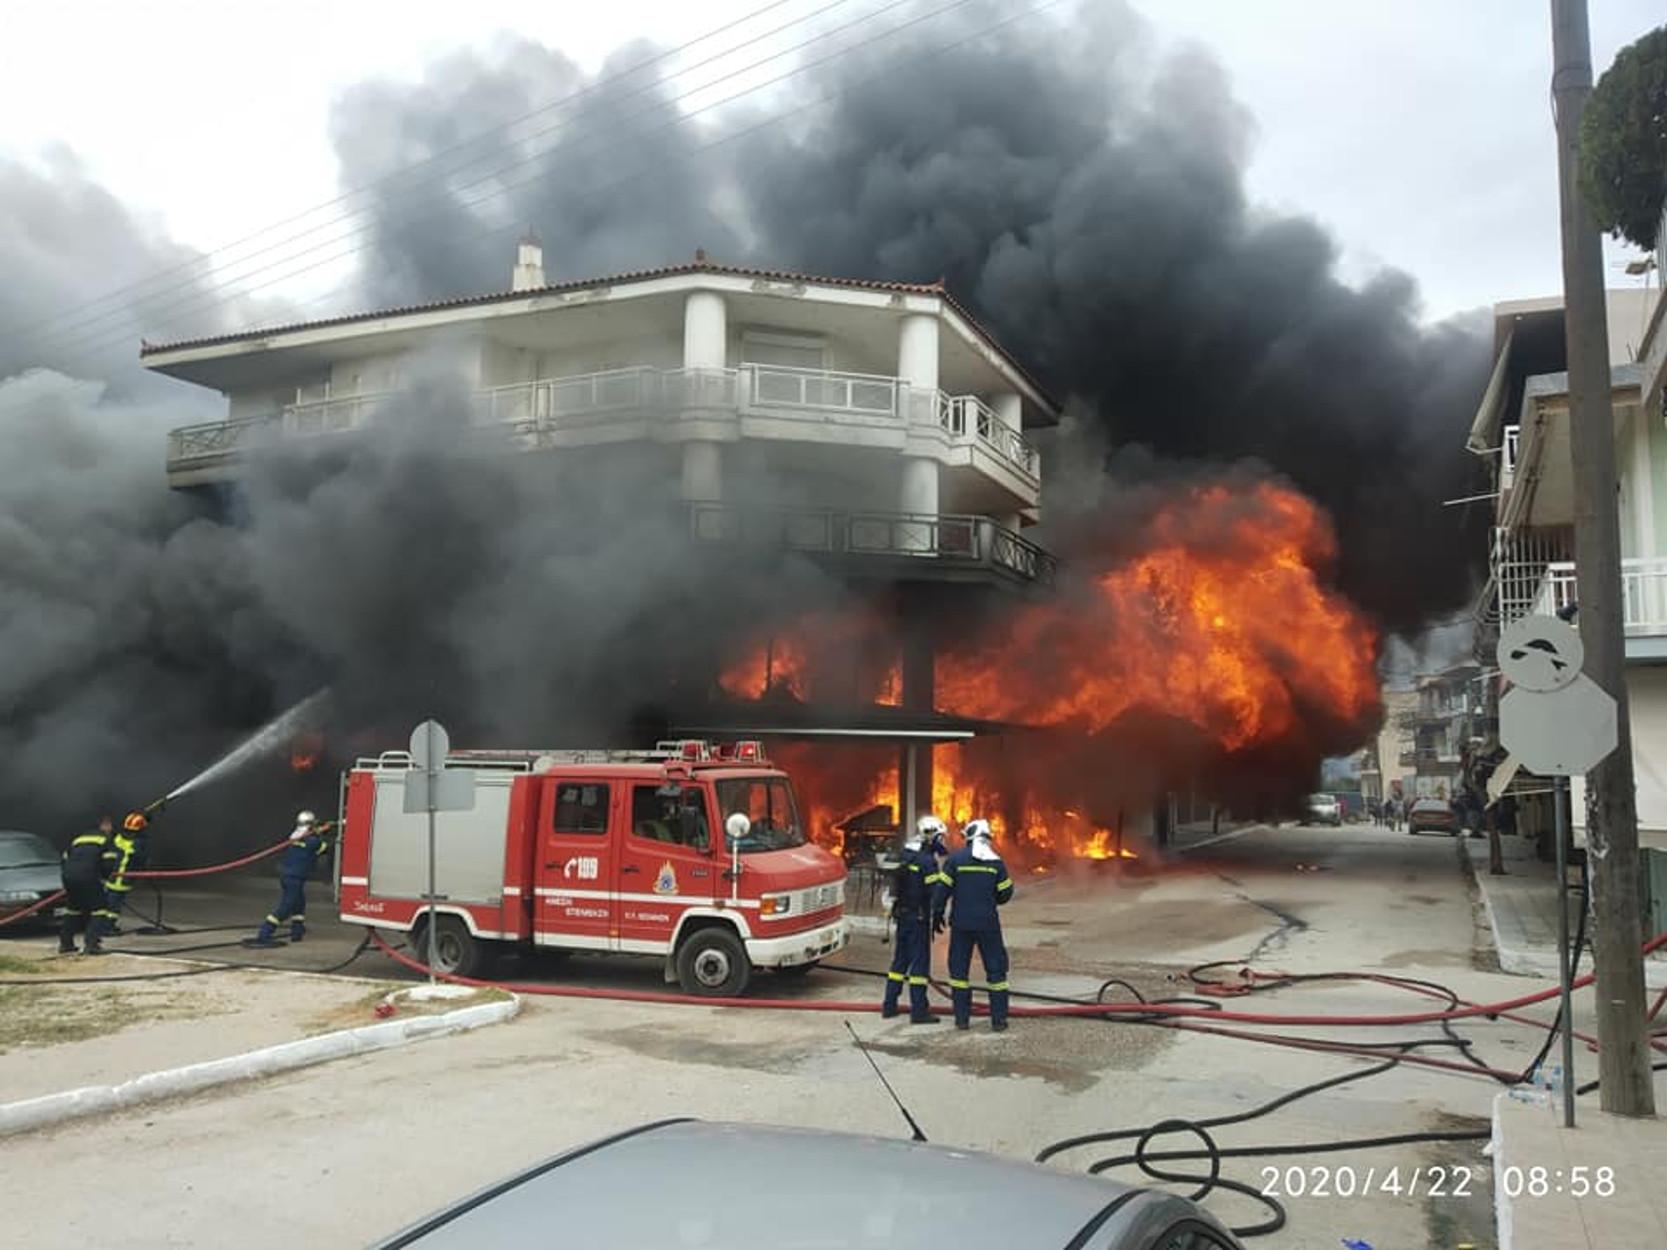 Ηλεία: Φωτιά σε μαγαζί στην Βάρδα! Μάχη της Πυροσβεστικής (pics, video)